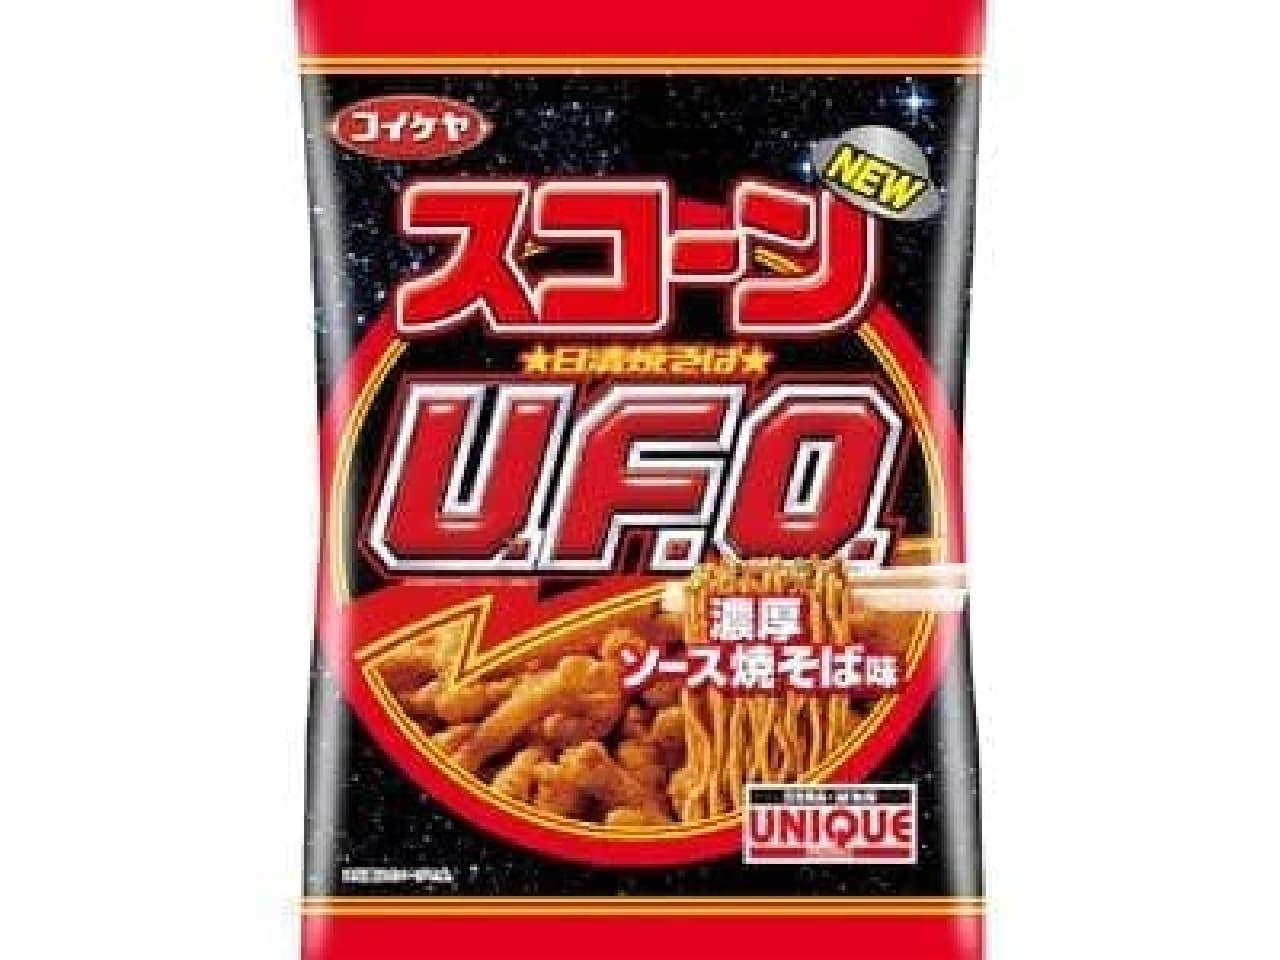 日清とコイケヤの夢のコラボ?「スコーン 日清焼そばU.F.O. 濃厚ソース焼そば味」